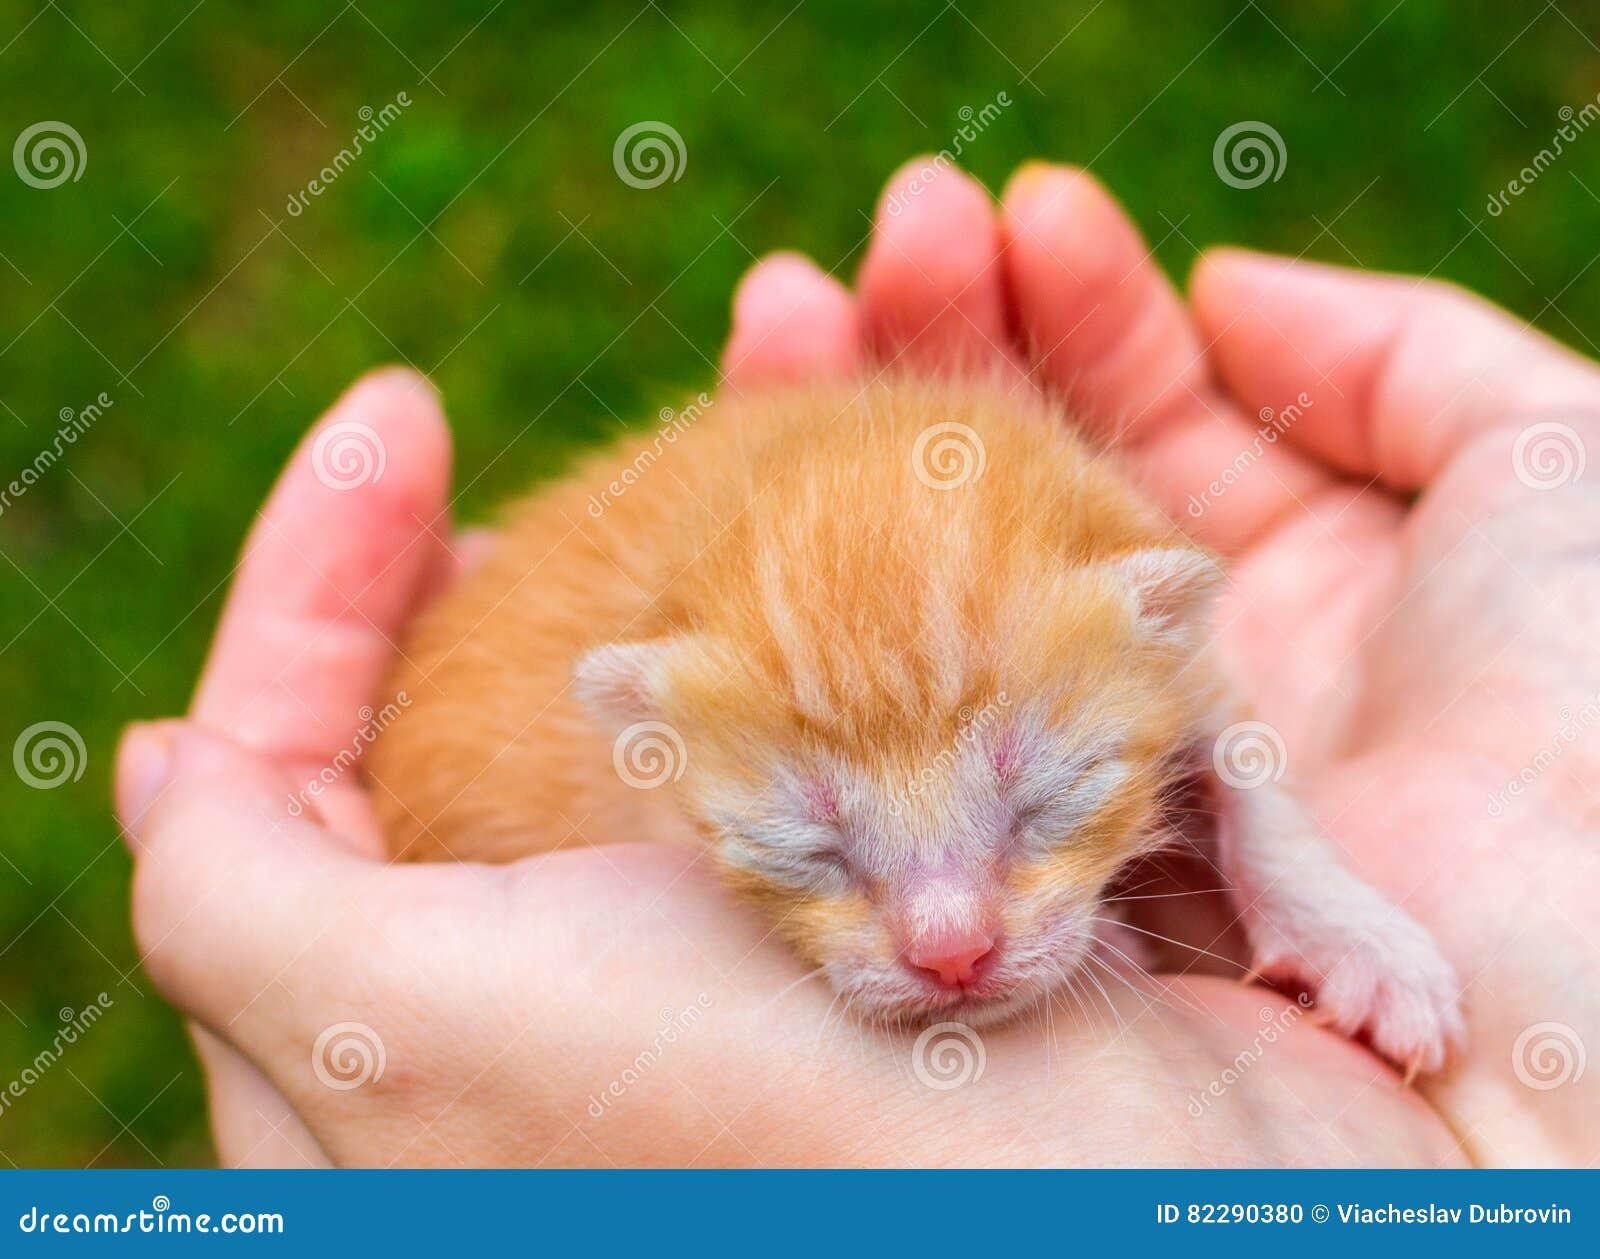 Photo mignonne de fin de chat de bébé Beau minou dormant dans des mains